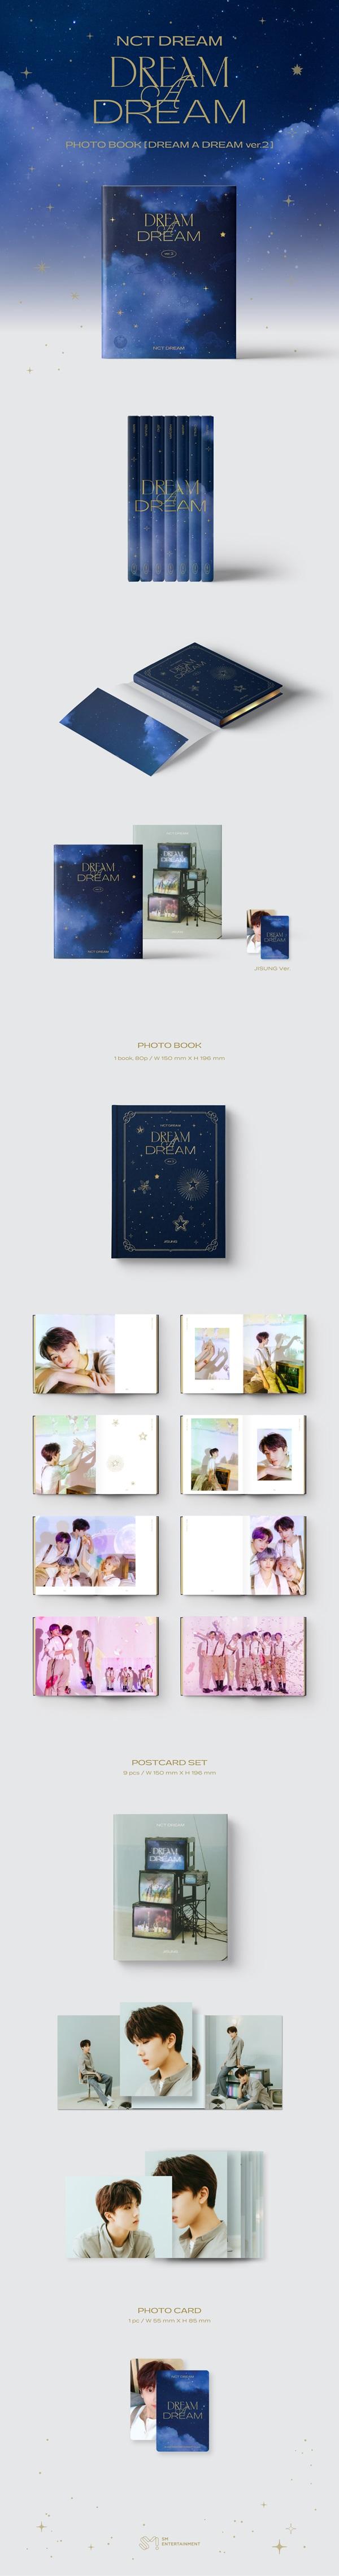 NCT DREAM PHOTO BOOK [DREAM A DREAM ver.2]: JISUNG Ver.